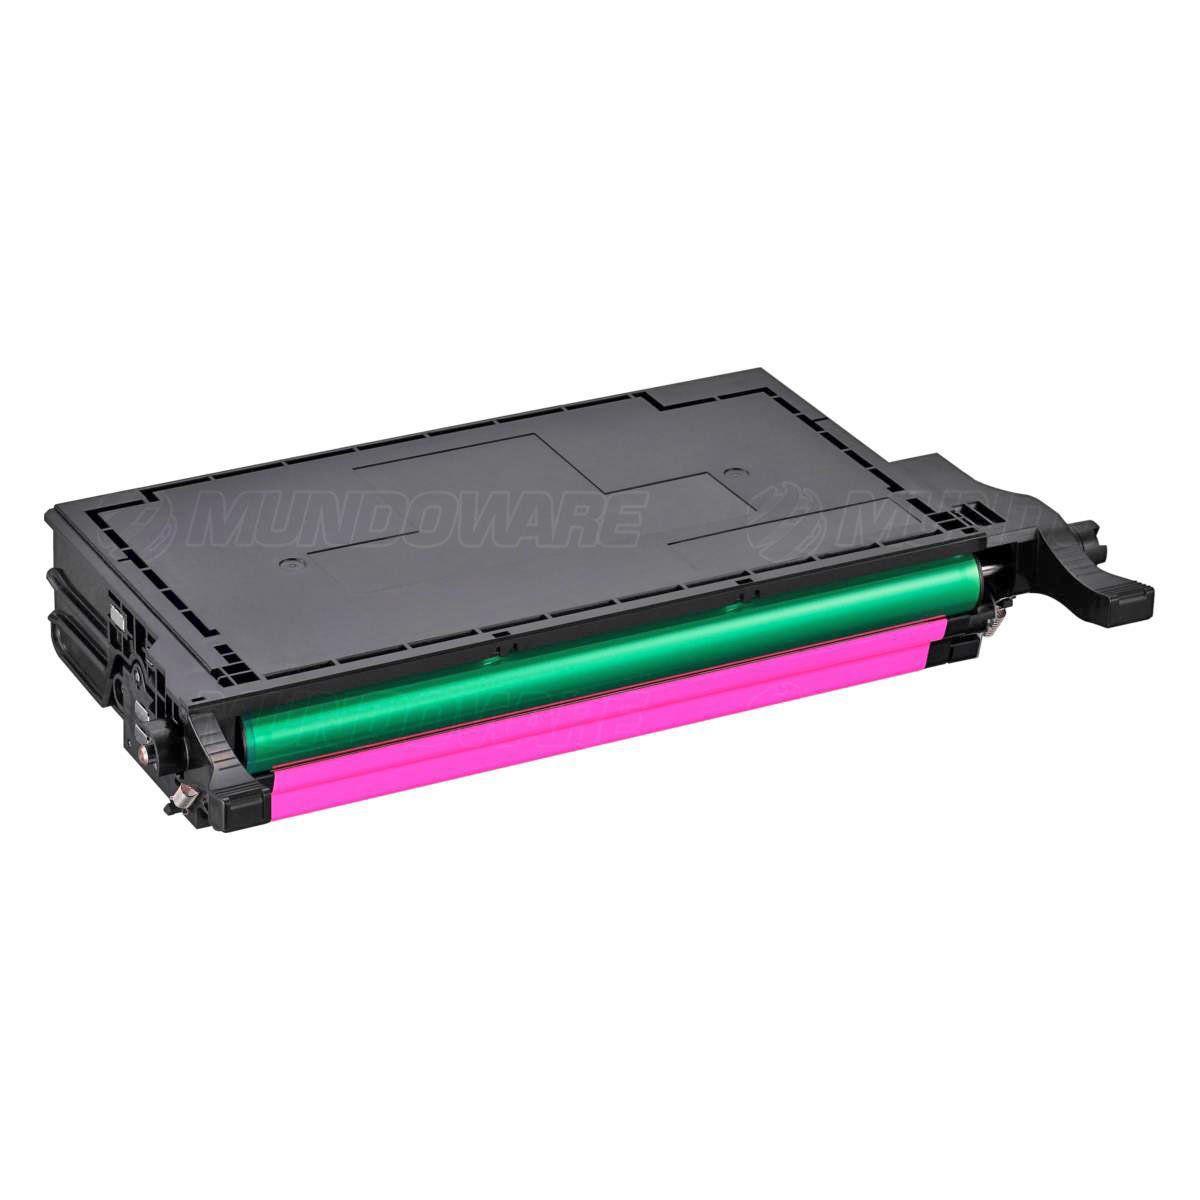 Compatível: Toner CLT-M609S 609S para Samsung CLP-770nd CLP-775nd CLP770 CLP775 CLP770nd CLP775nd / Magenta / 7.000